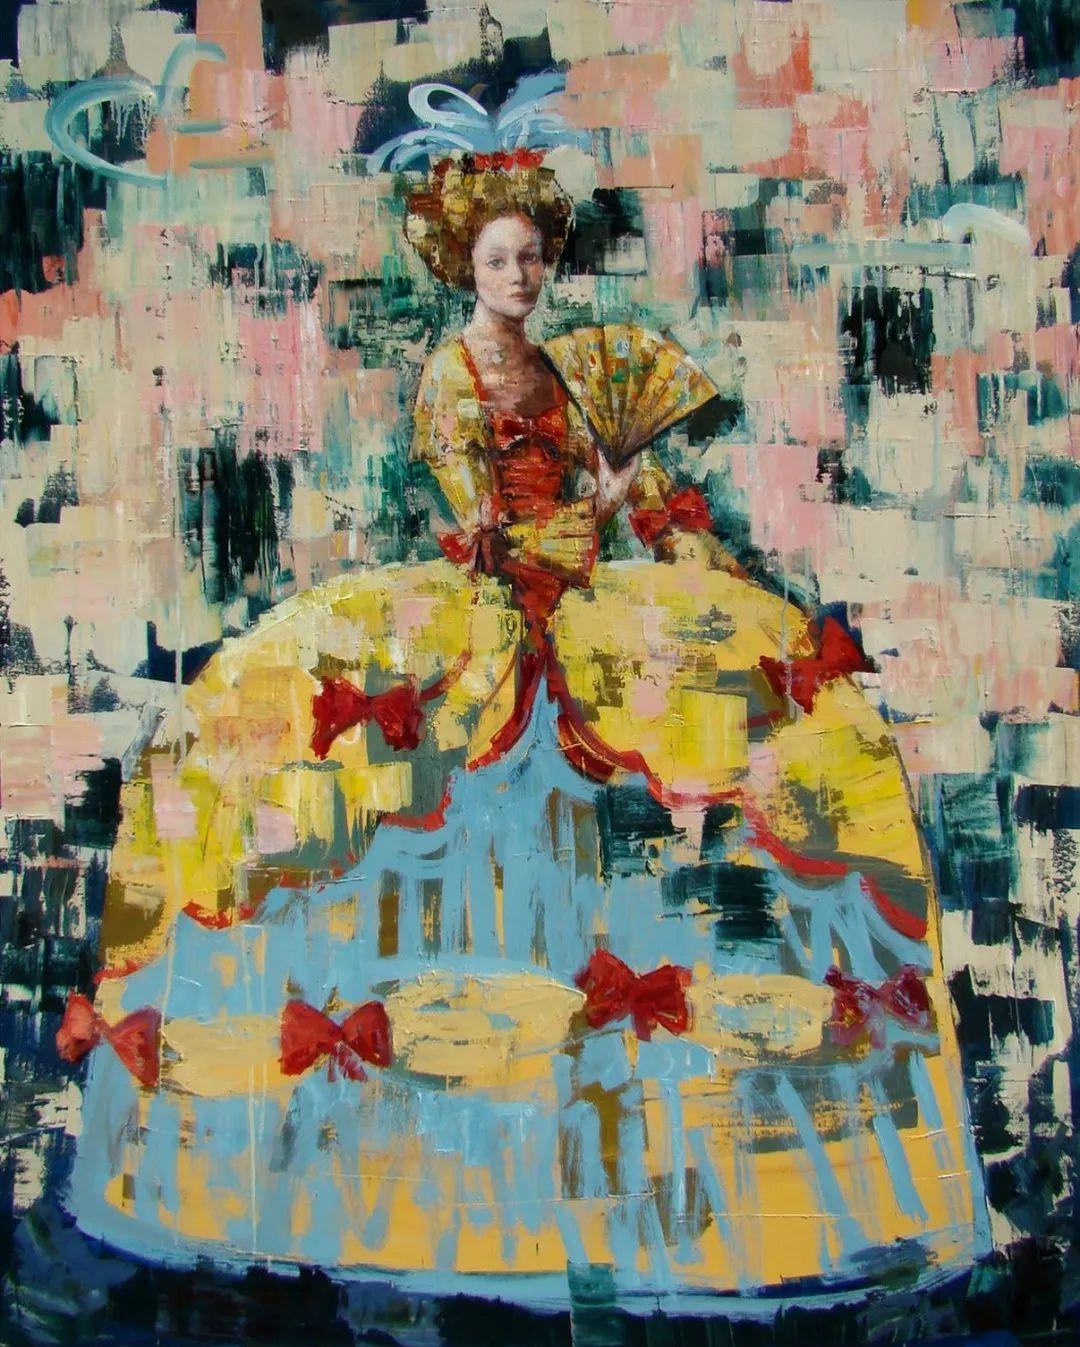 俏皮的具象,热情的色彩,美籍韩裔艺术家Rimi Yang插图1